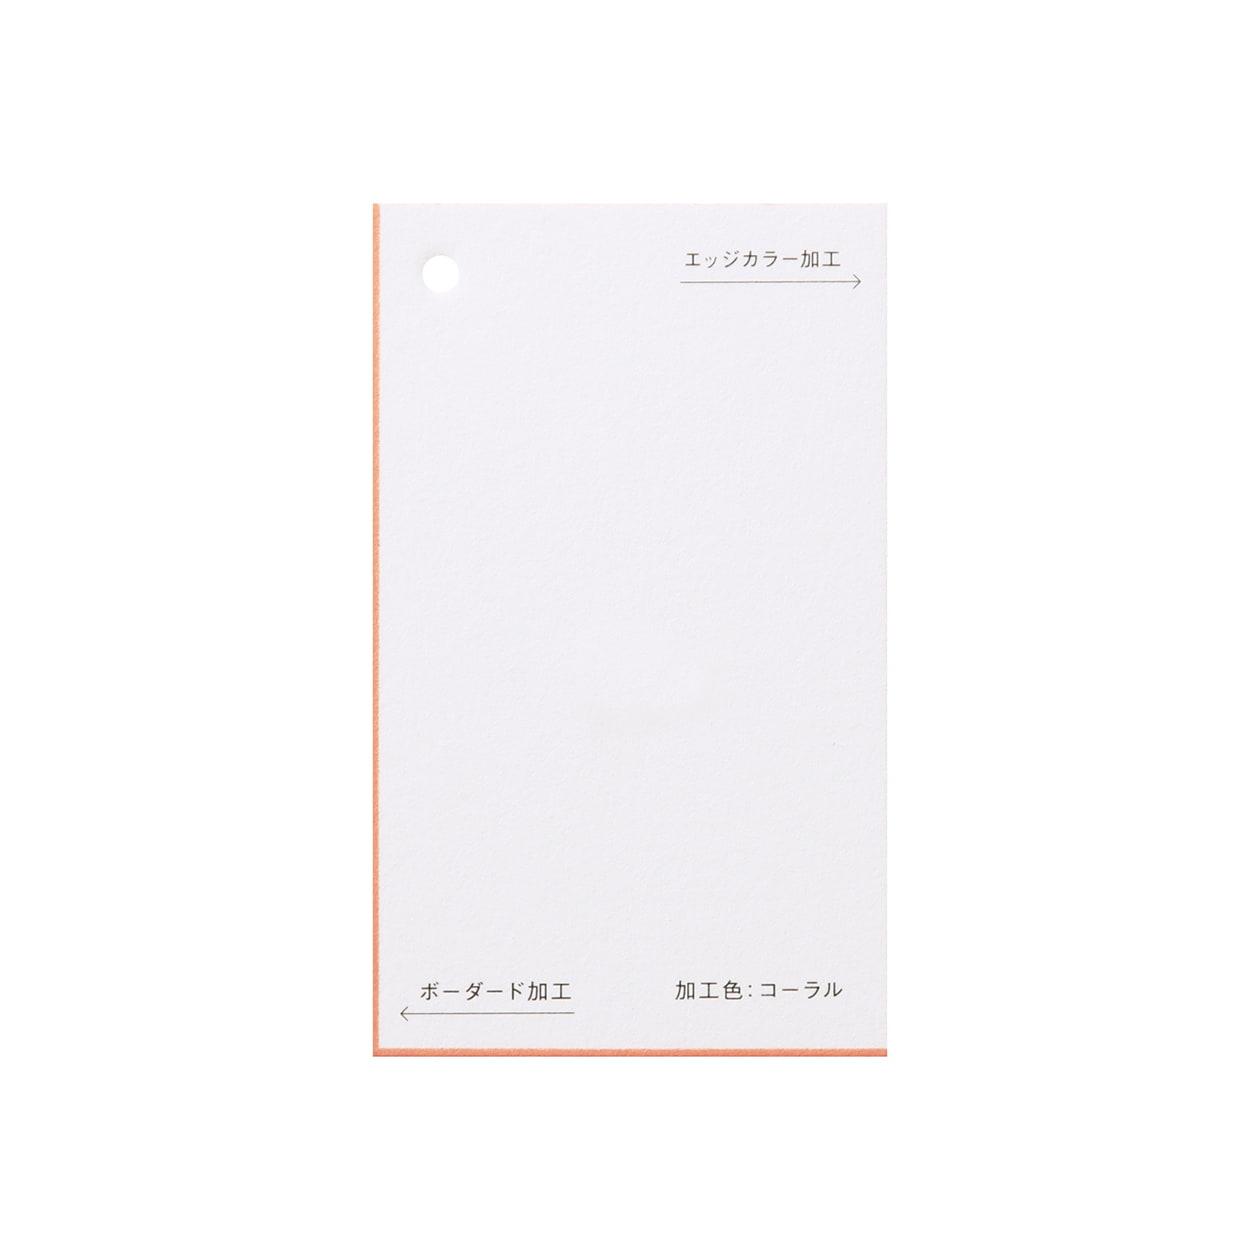 加工色見本 00154ボーダード・エッジカラー コーラルスノーホワイト 348.8g